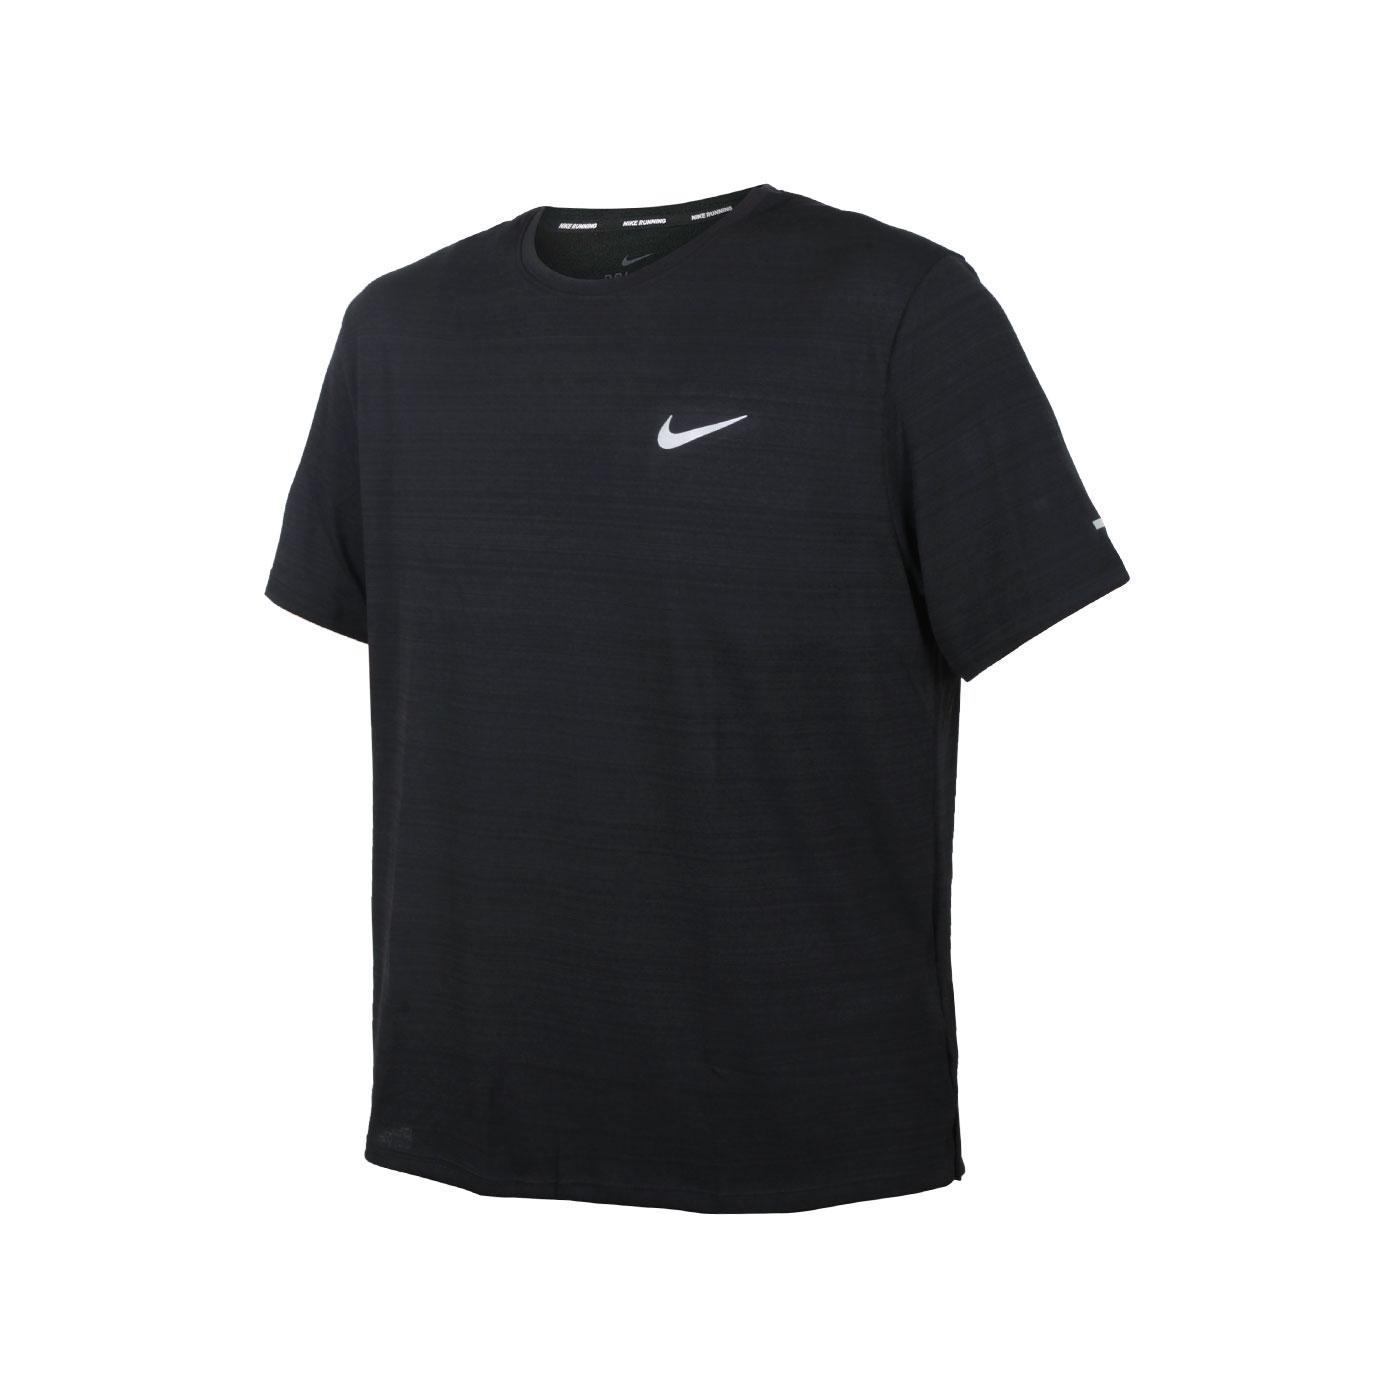 NIKE 男款短袖T恤 CU5993-010 - 黑銀